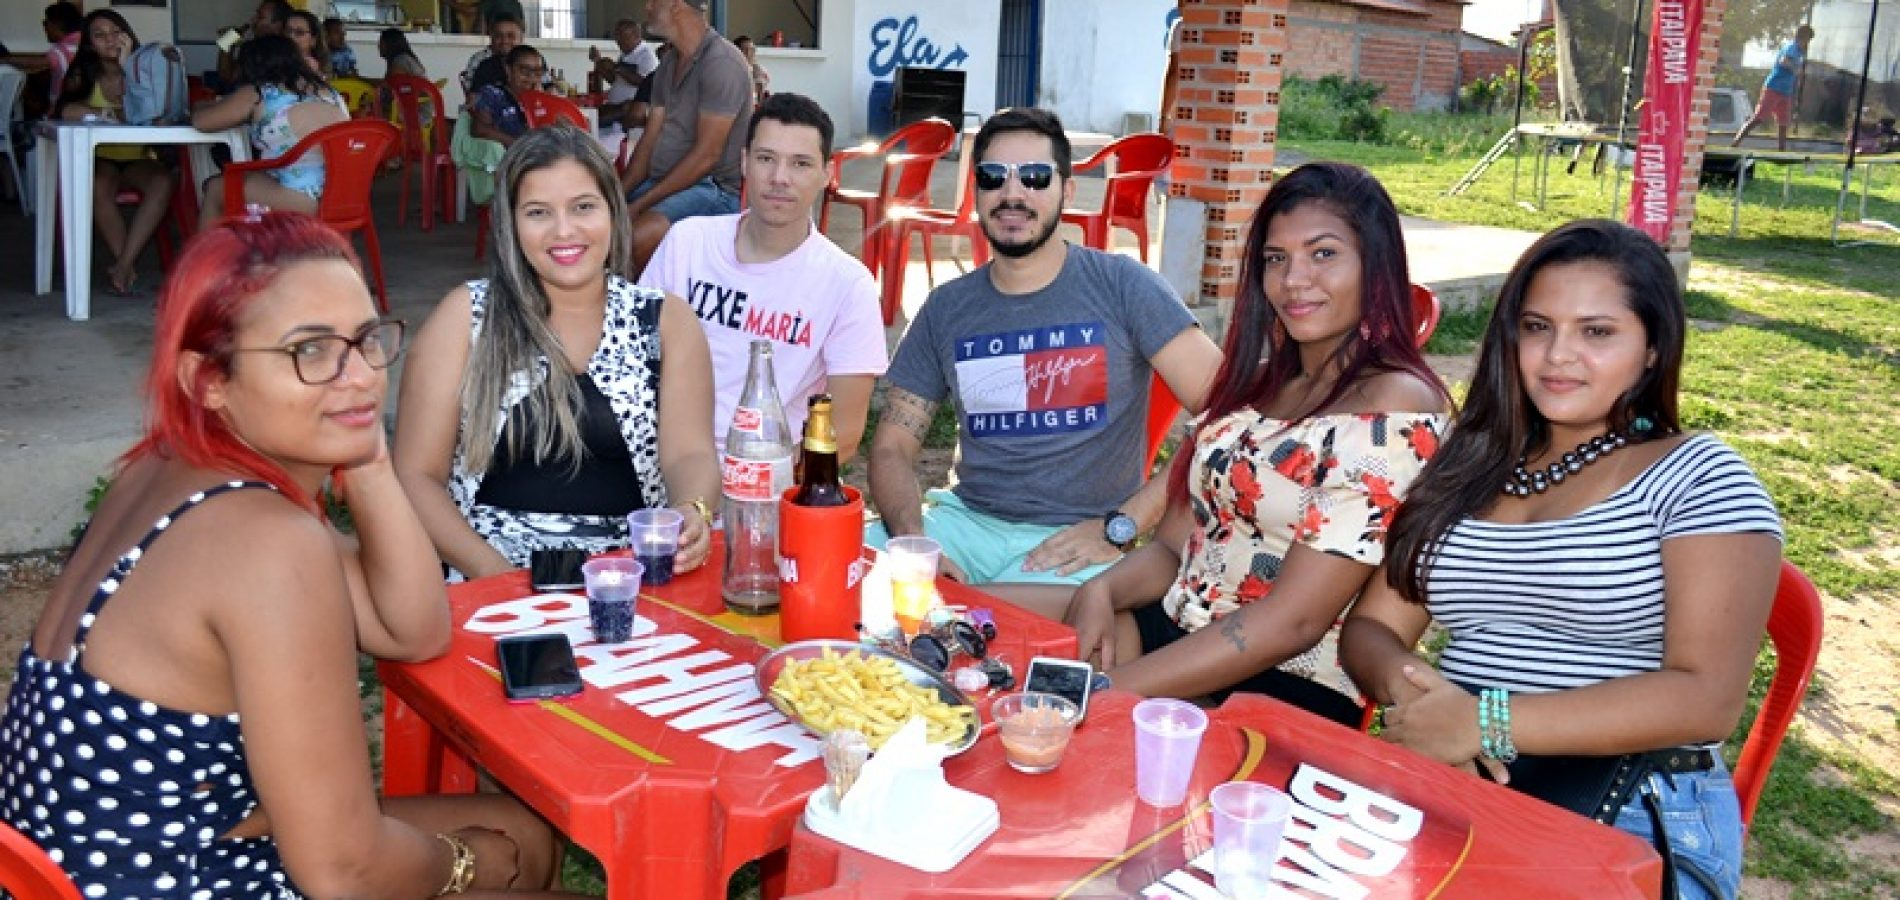 FOTOS | Veja quem participou do show com pagode A3 na AABB Jaicós